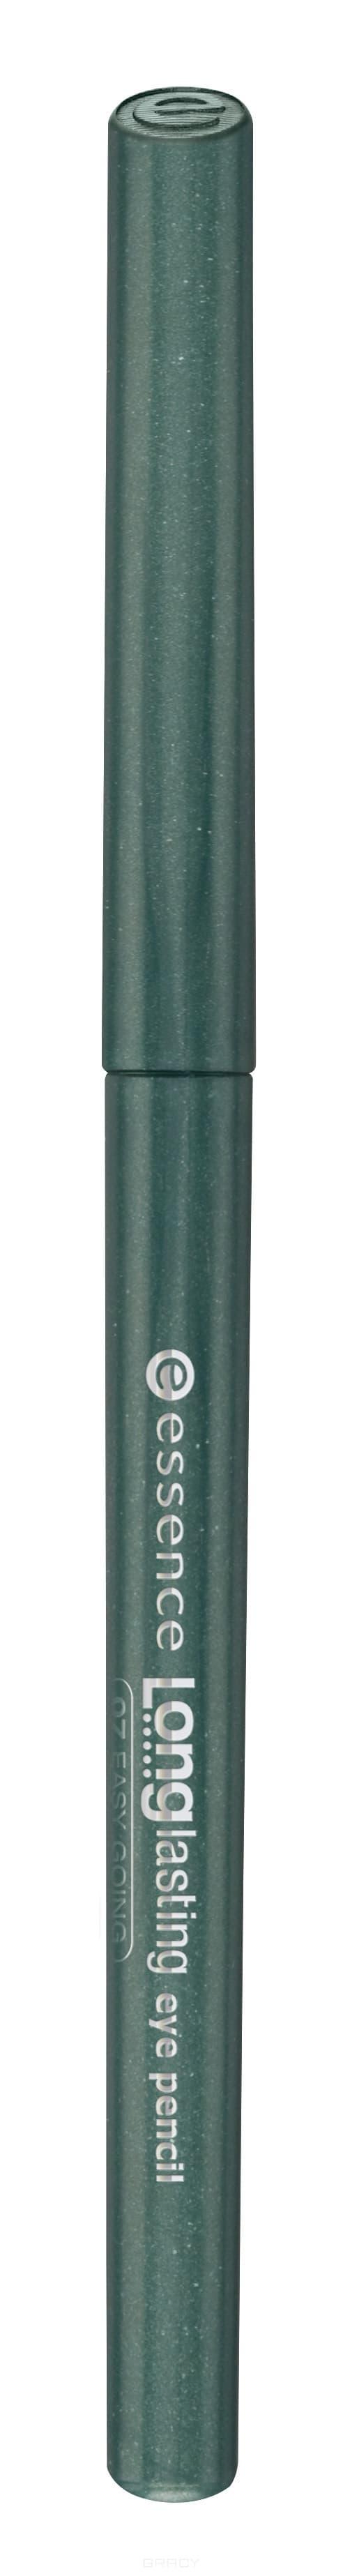 Essence, Карандаш для глаз Long Lasting, 0.28 гр (15 цветов) №12, зеленый стоимость